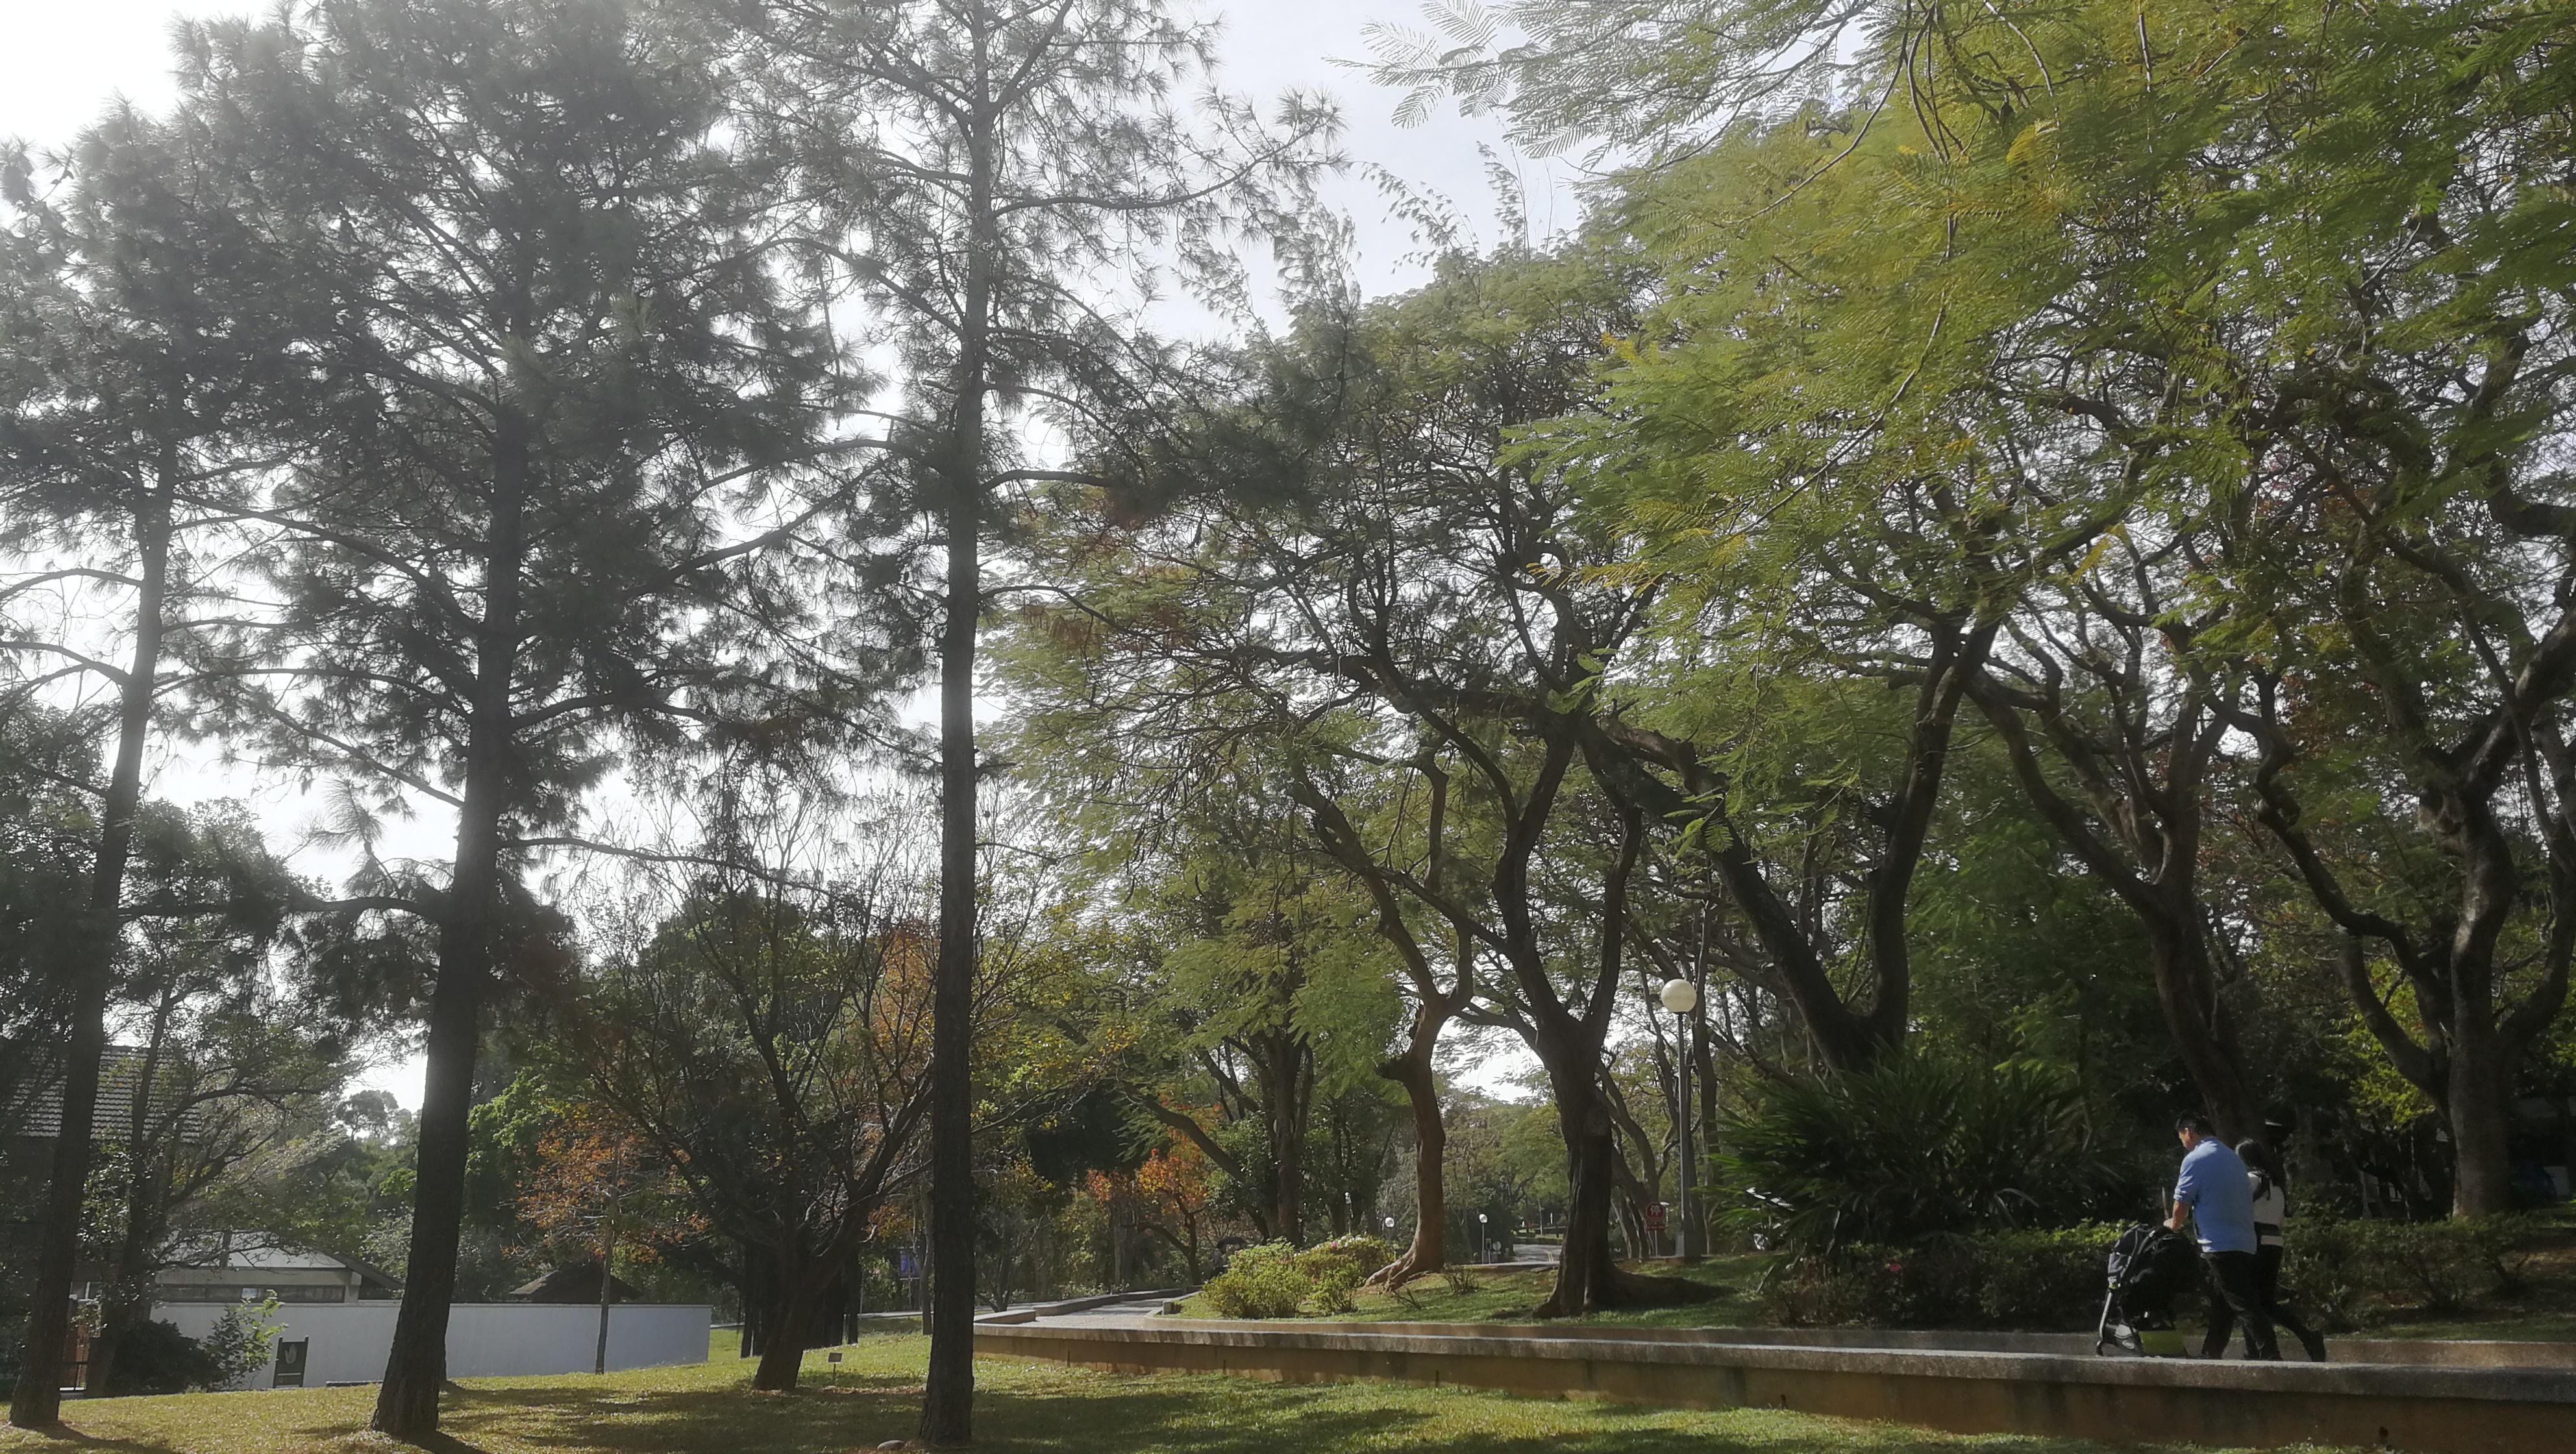 2020年1月25日上午,位于台中市的东海大学,校园内行走的人。本文图片均为作者拍摄并提供。